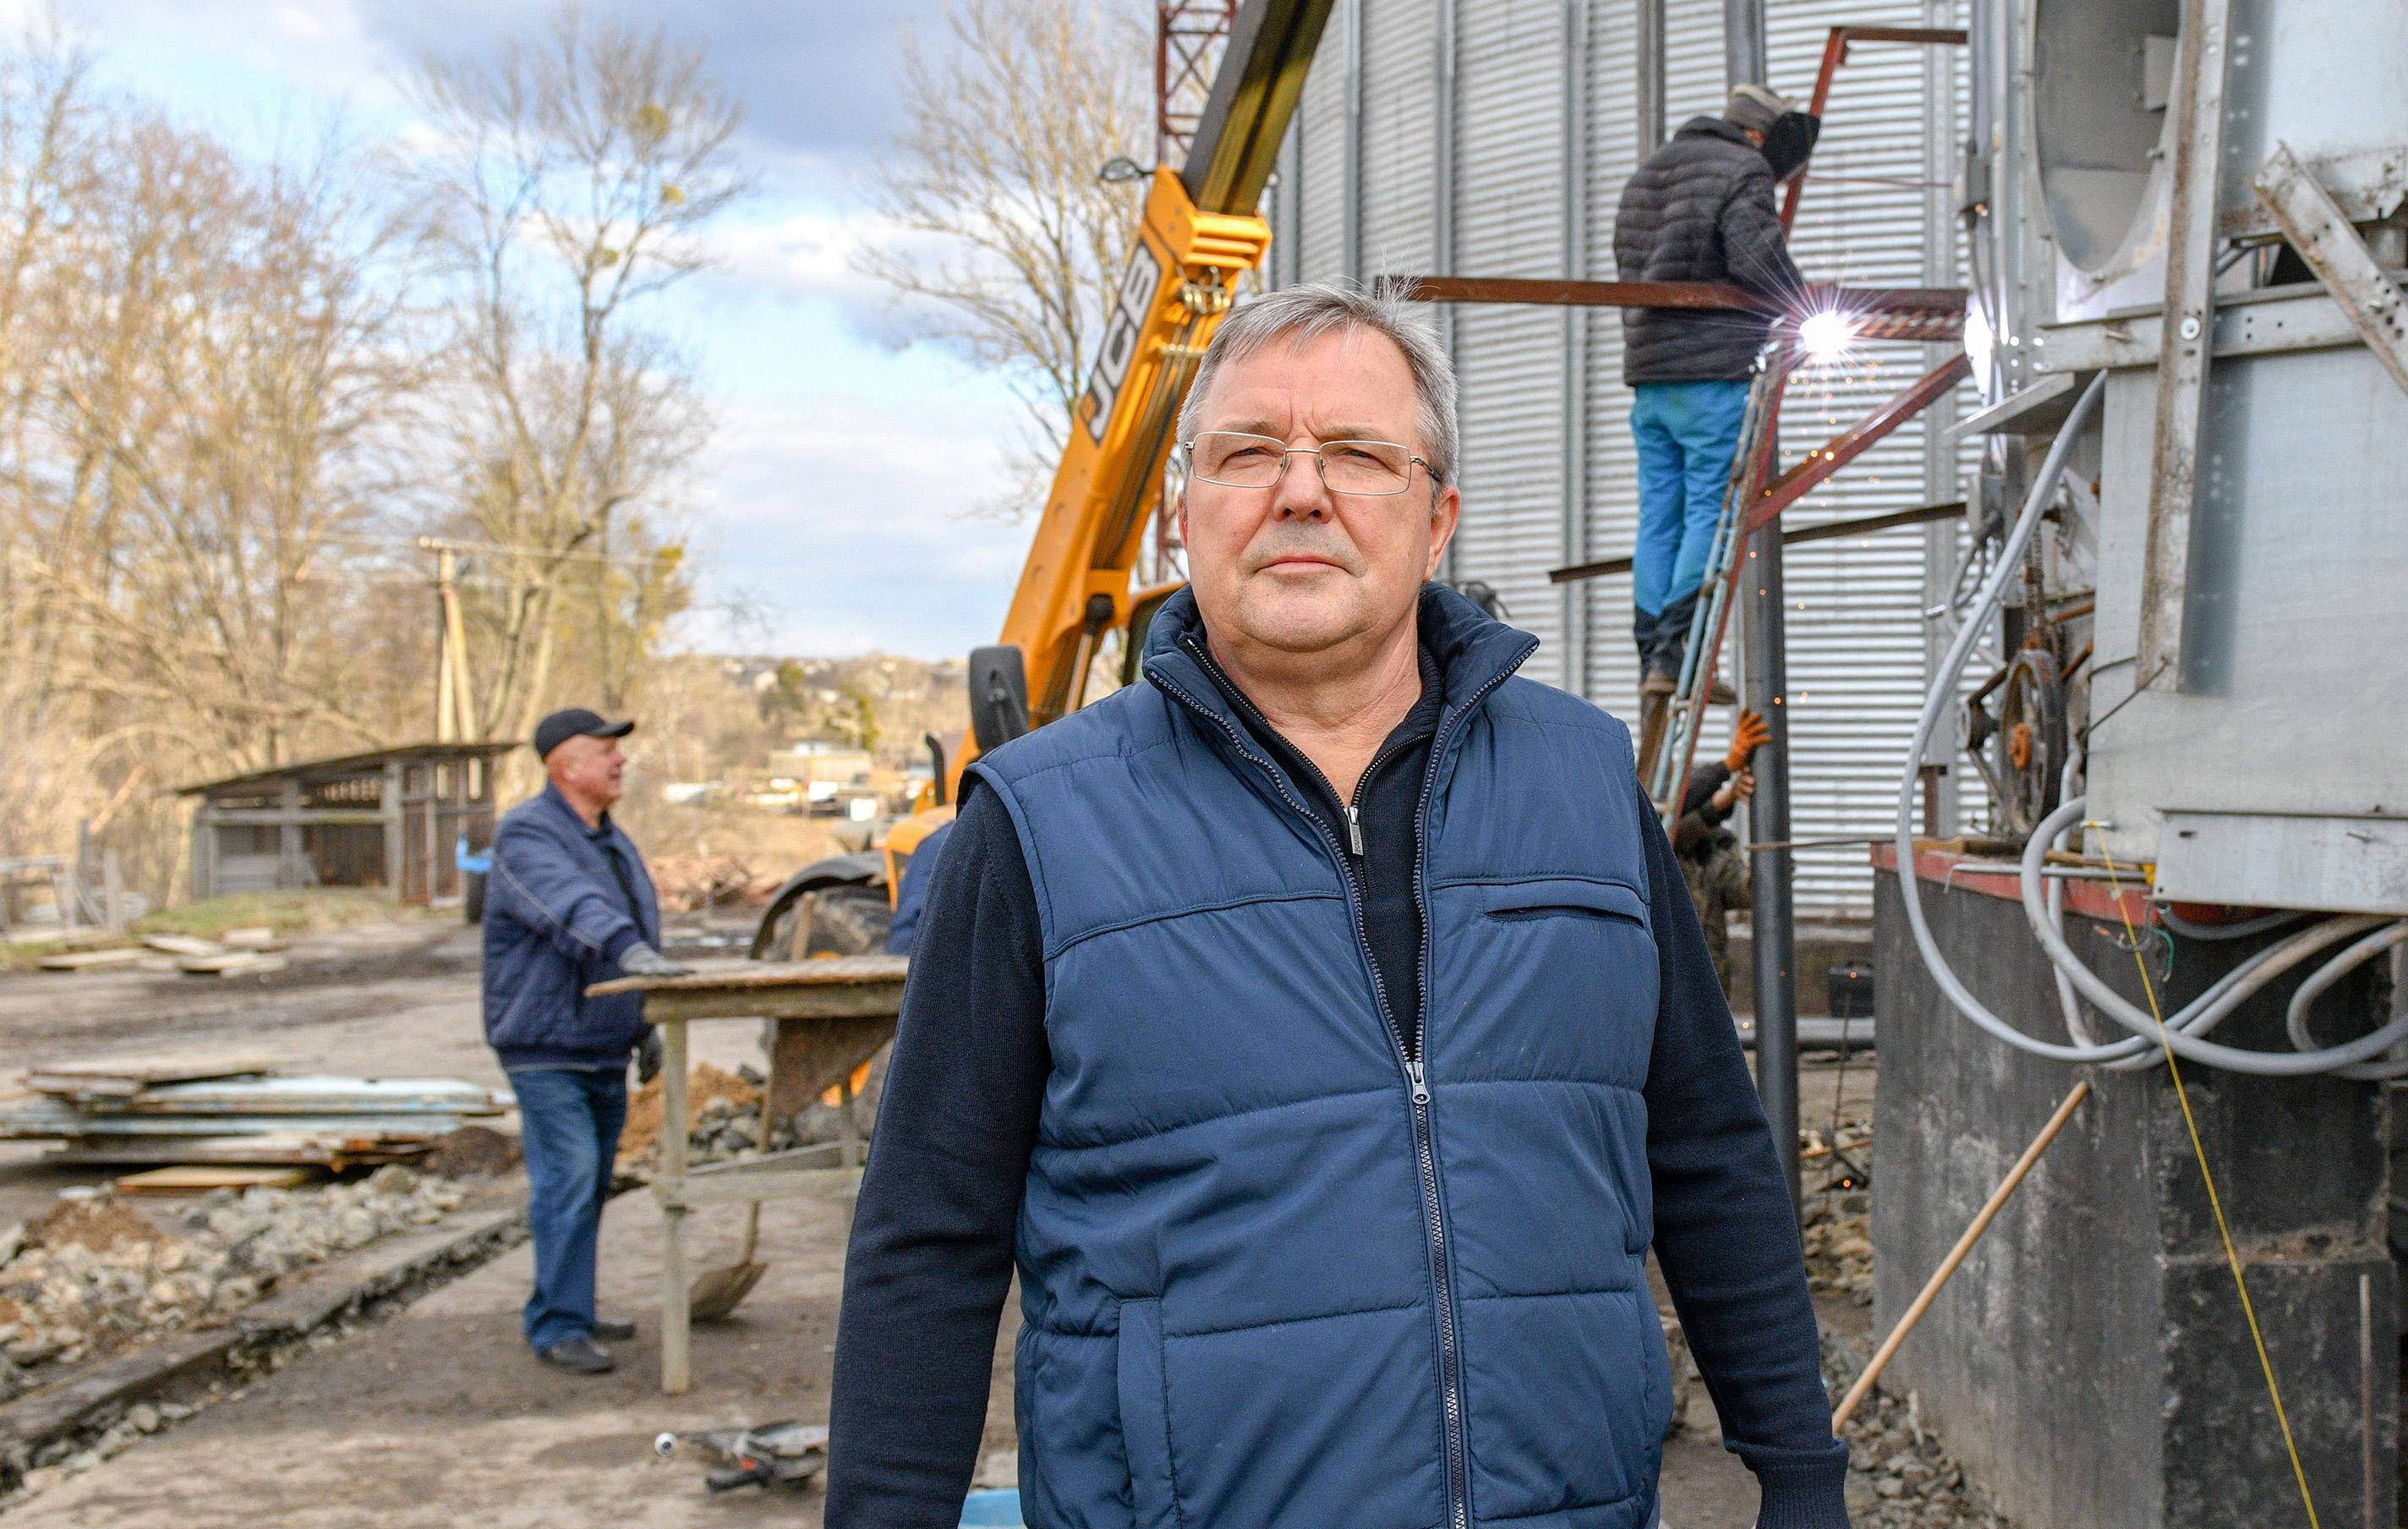 Лапицкий Геннадий Григорьевич, фермер из Володарки на Киевщине